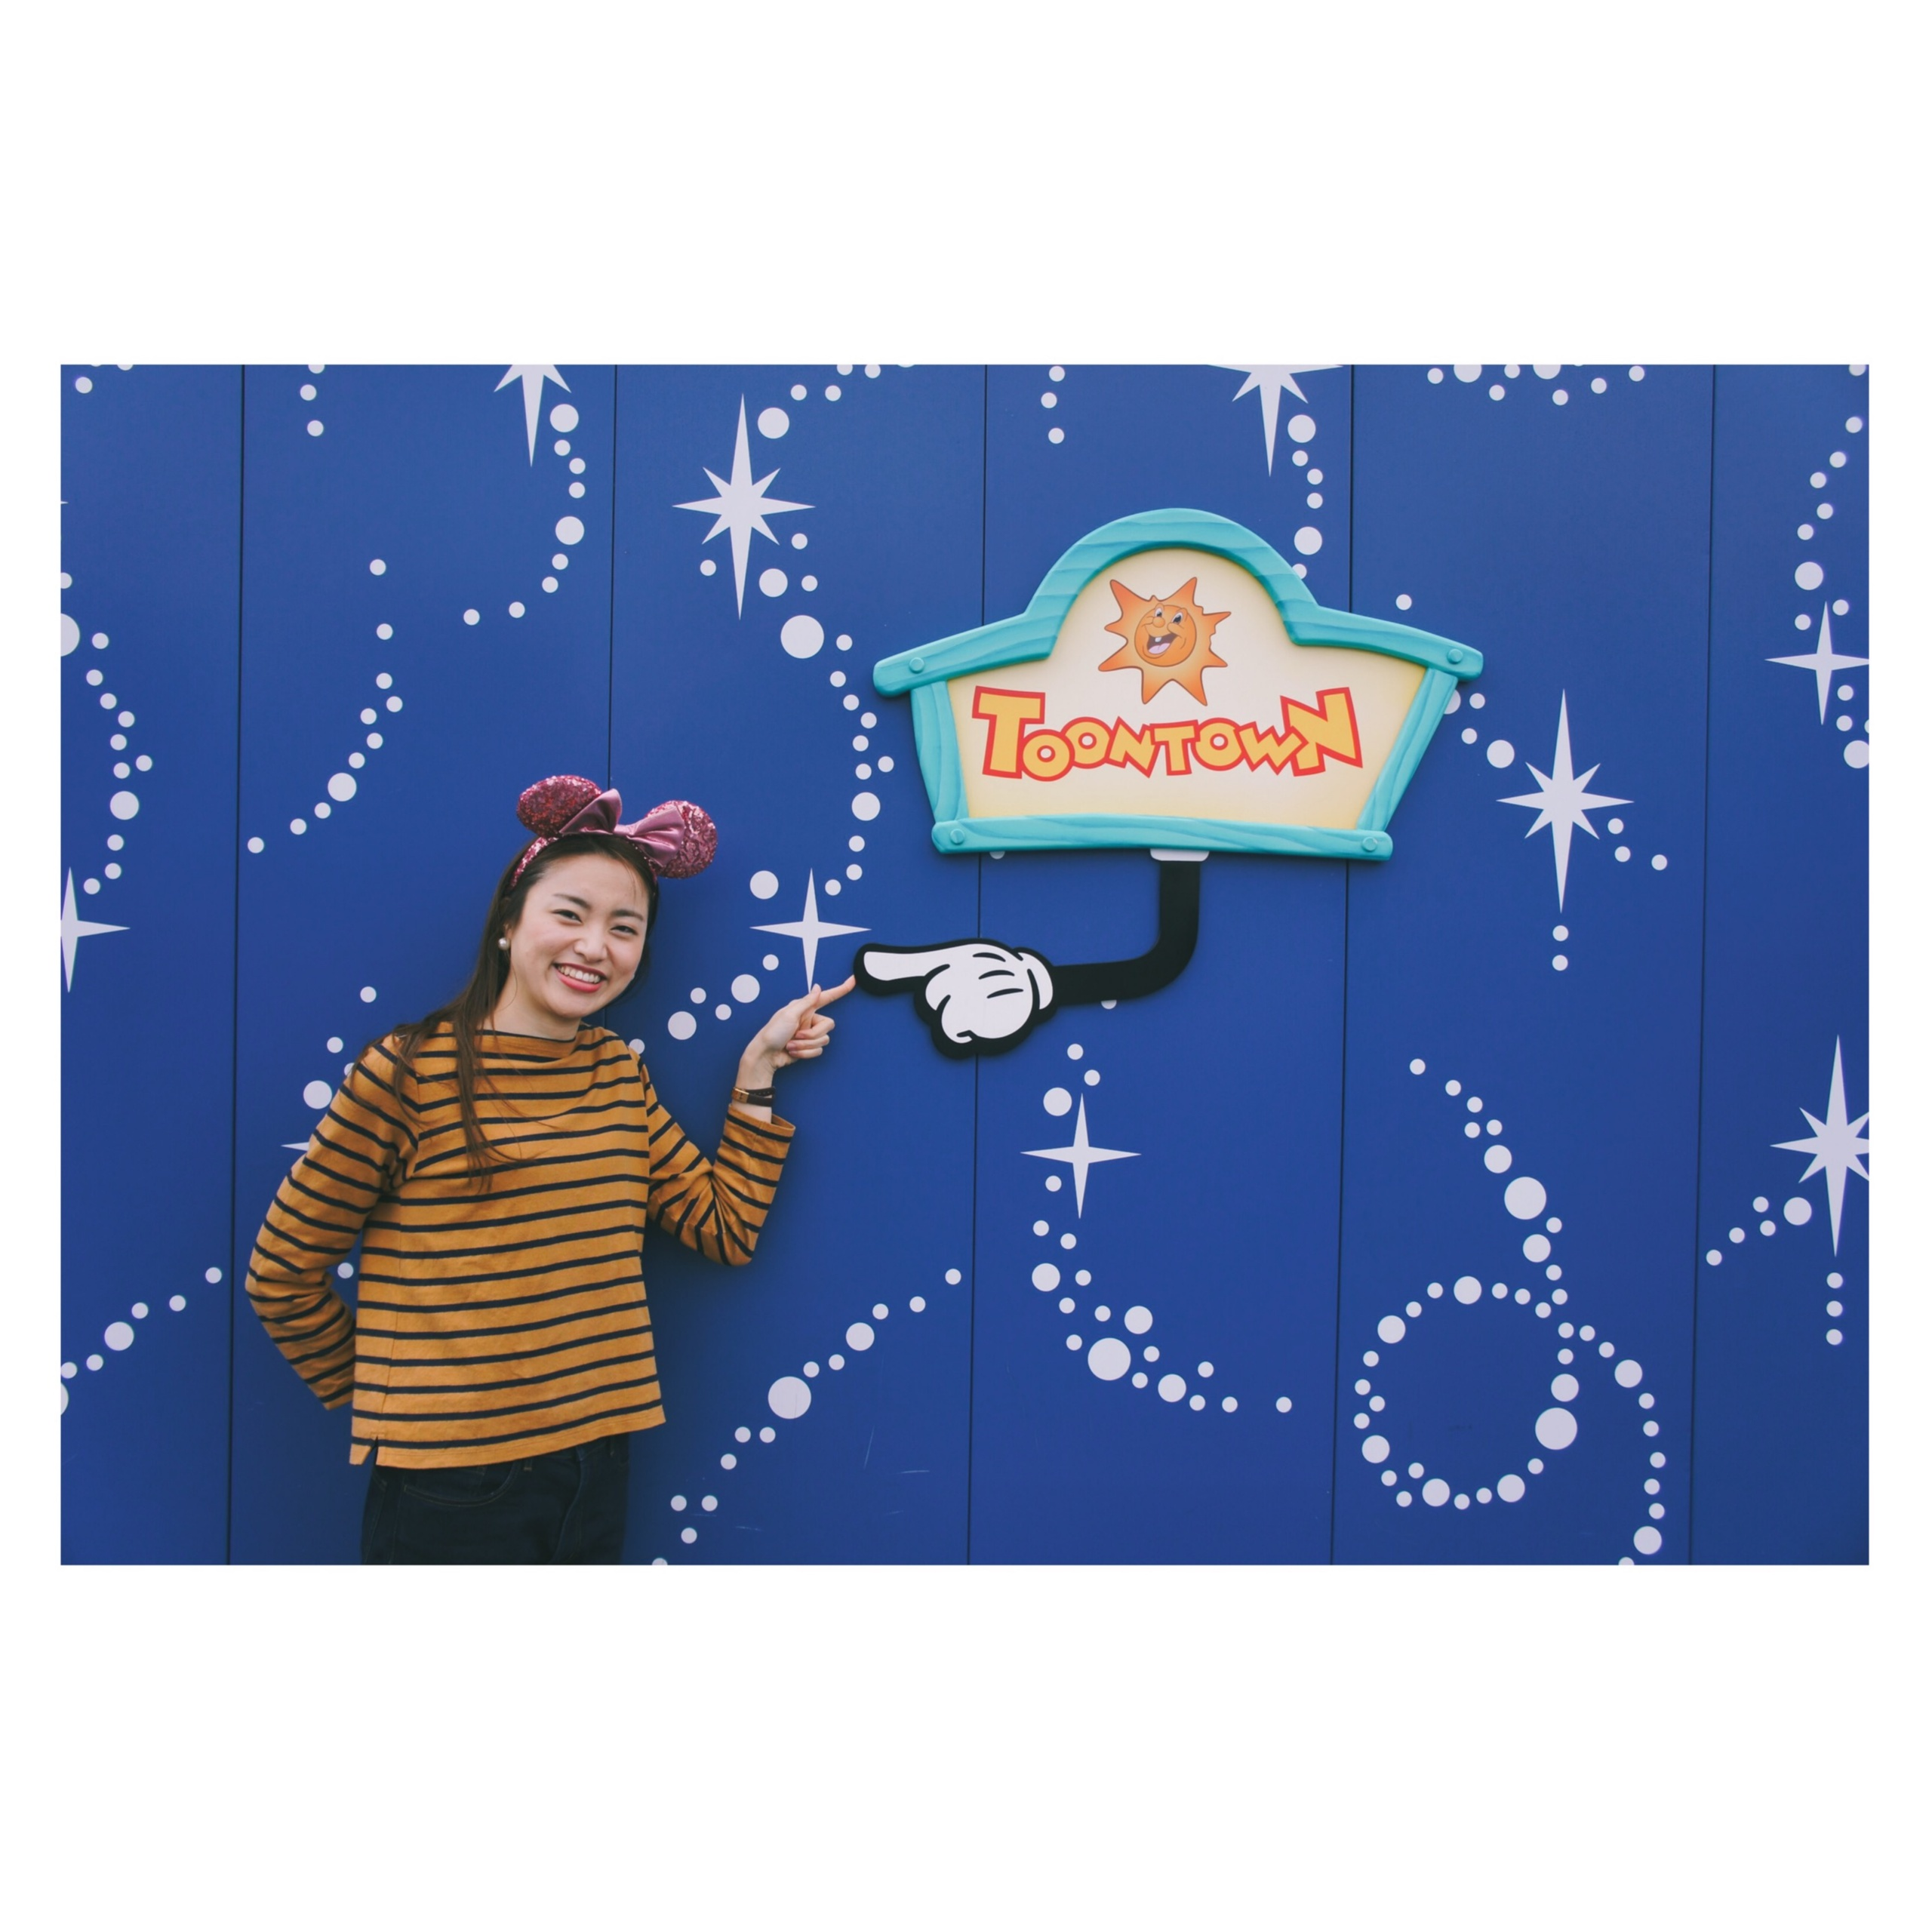 《ディズニー好き必見★》【東京ディズニーランド】で絶対撮りたい!写真映えスポット4選❤️SNSで話題のスポットがもうすぐクローズ…?!_2